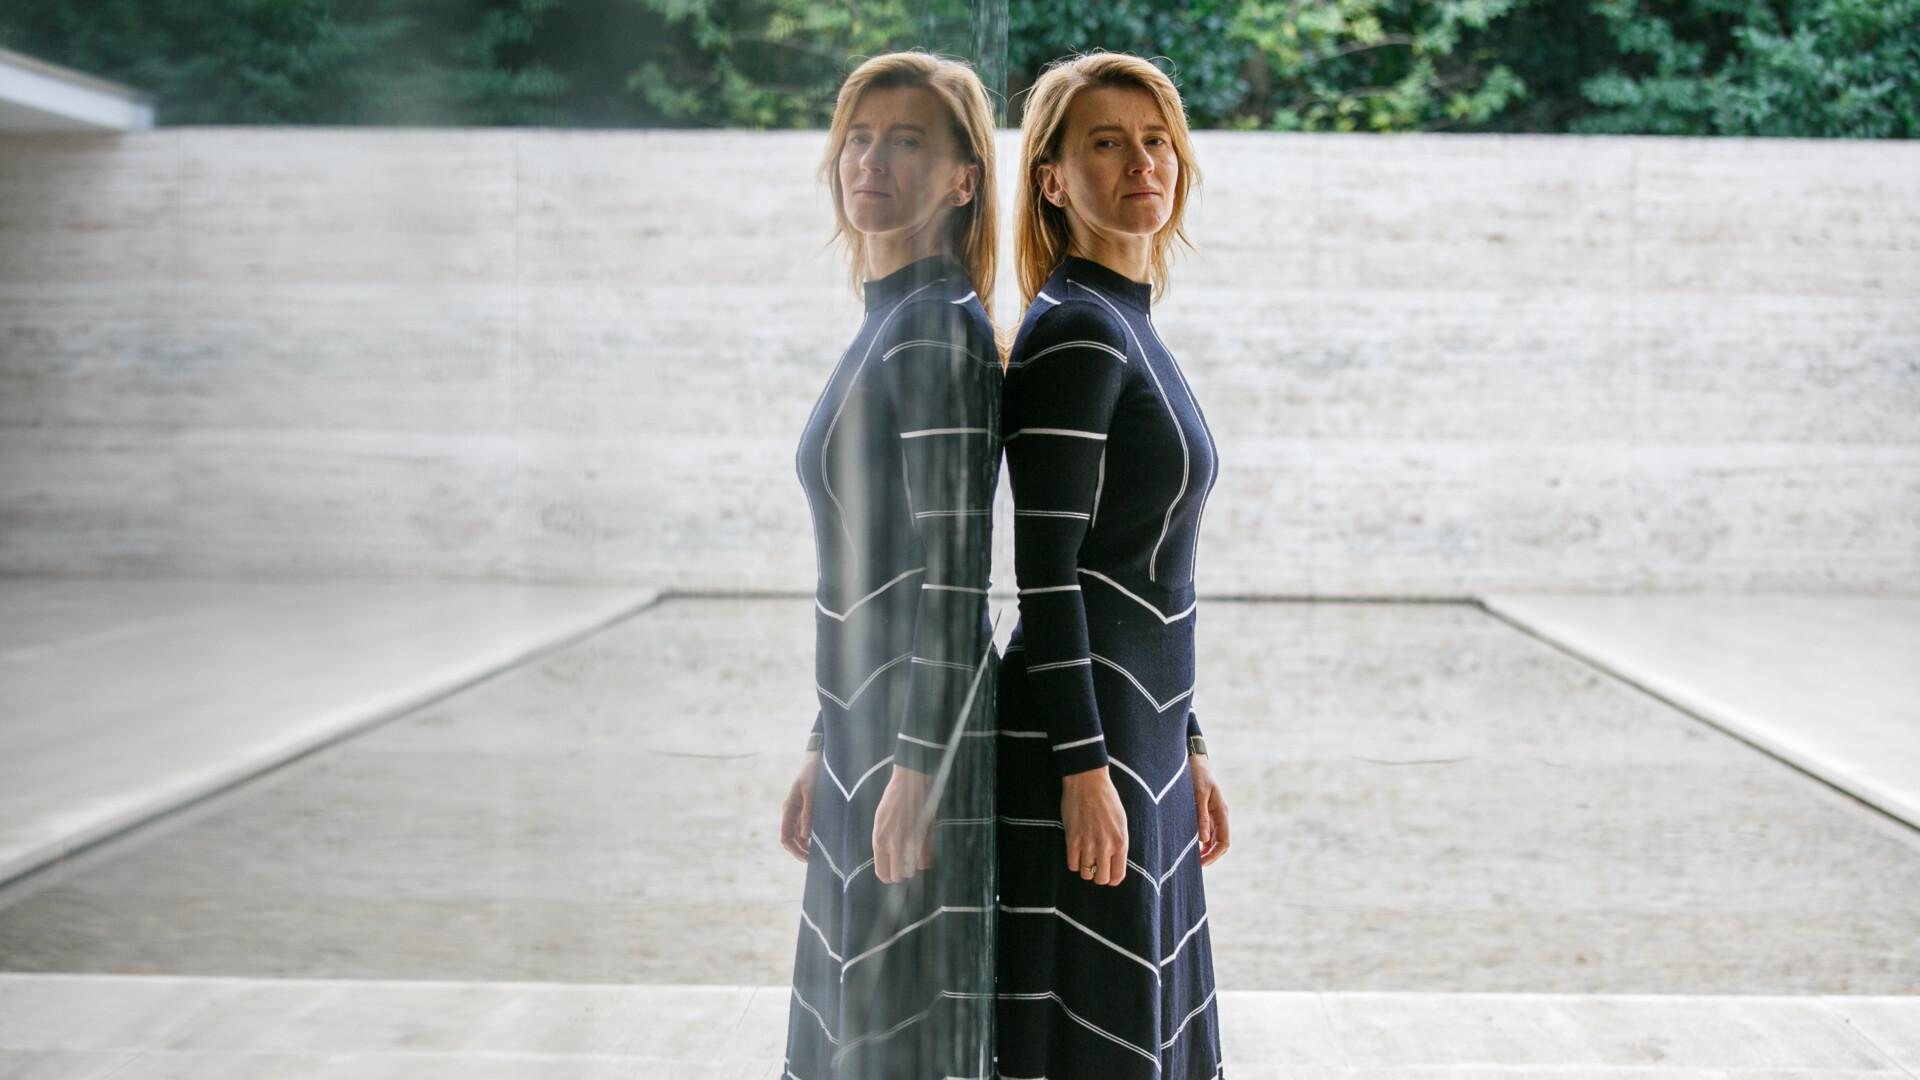 Katarzyna Krakowiak jest pierwszą polską artystką, której praca została zaprezentowana ww Pawilonie Miesa van der Rohe.